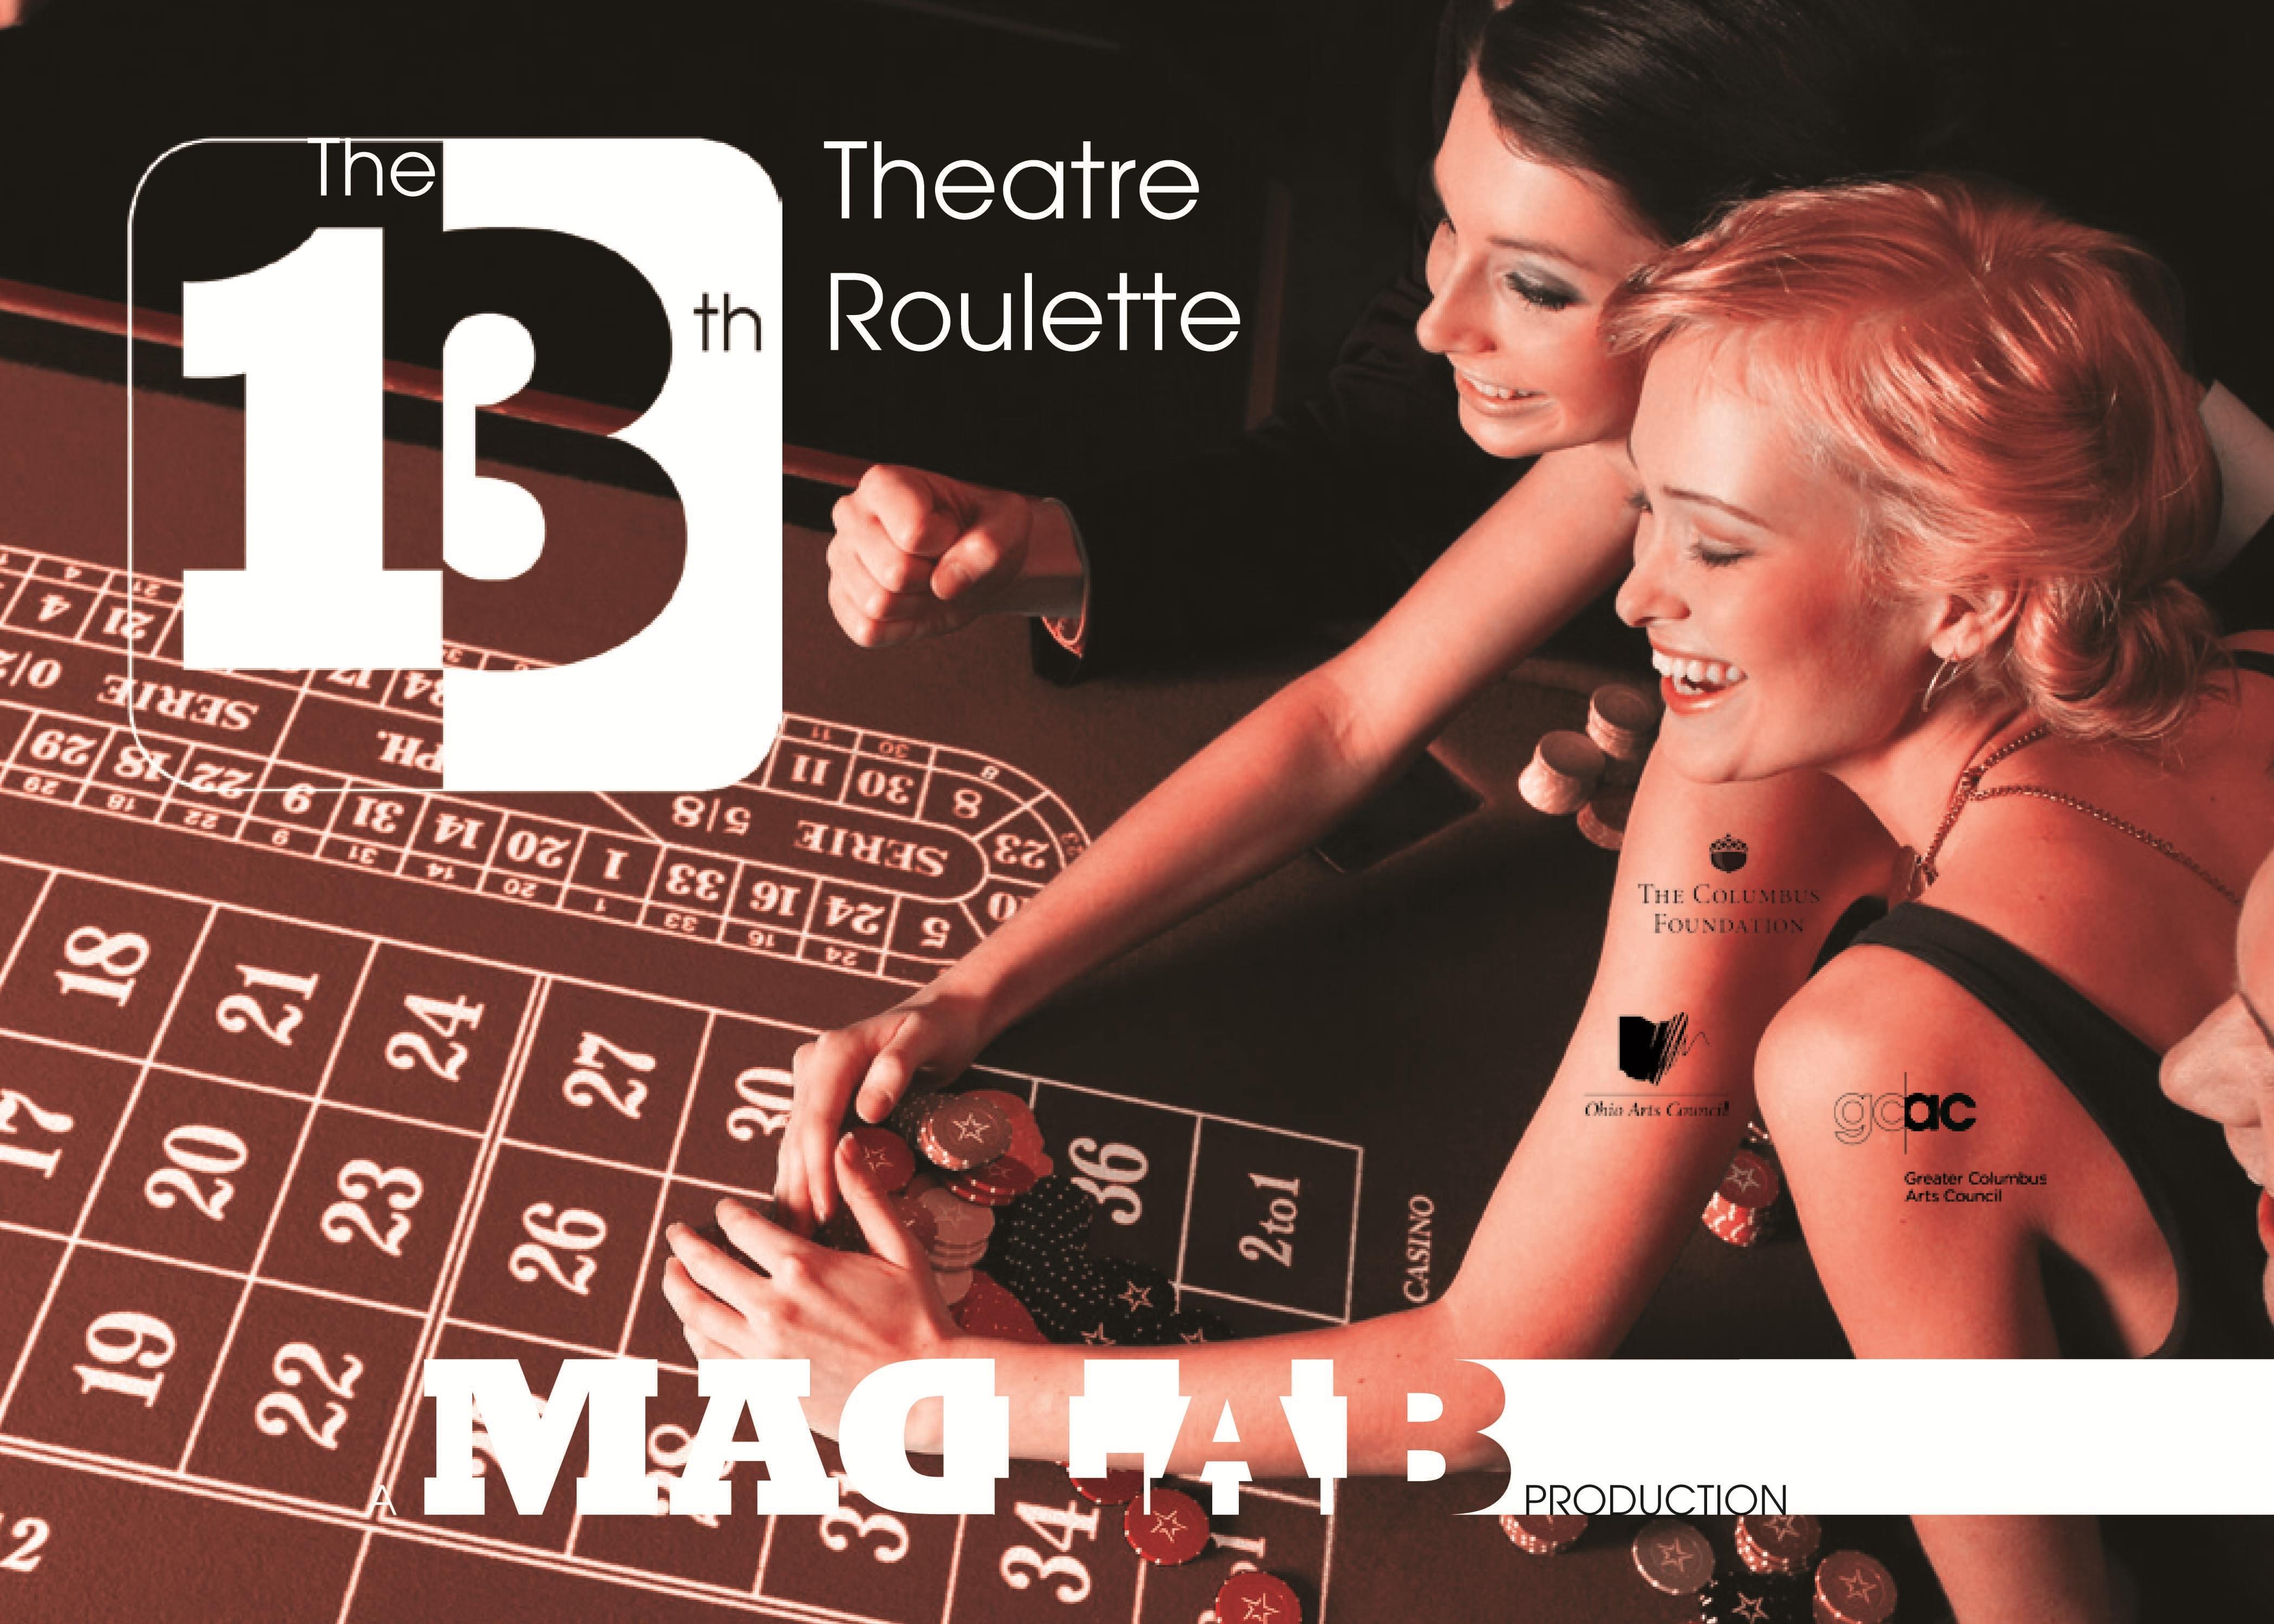 Theatre Roulette flyer